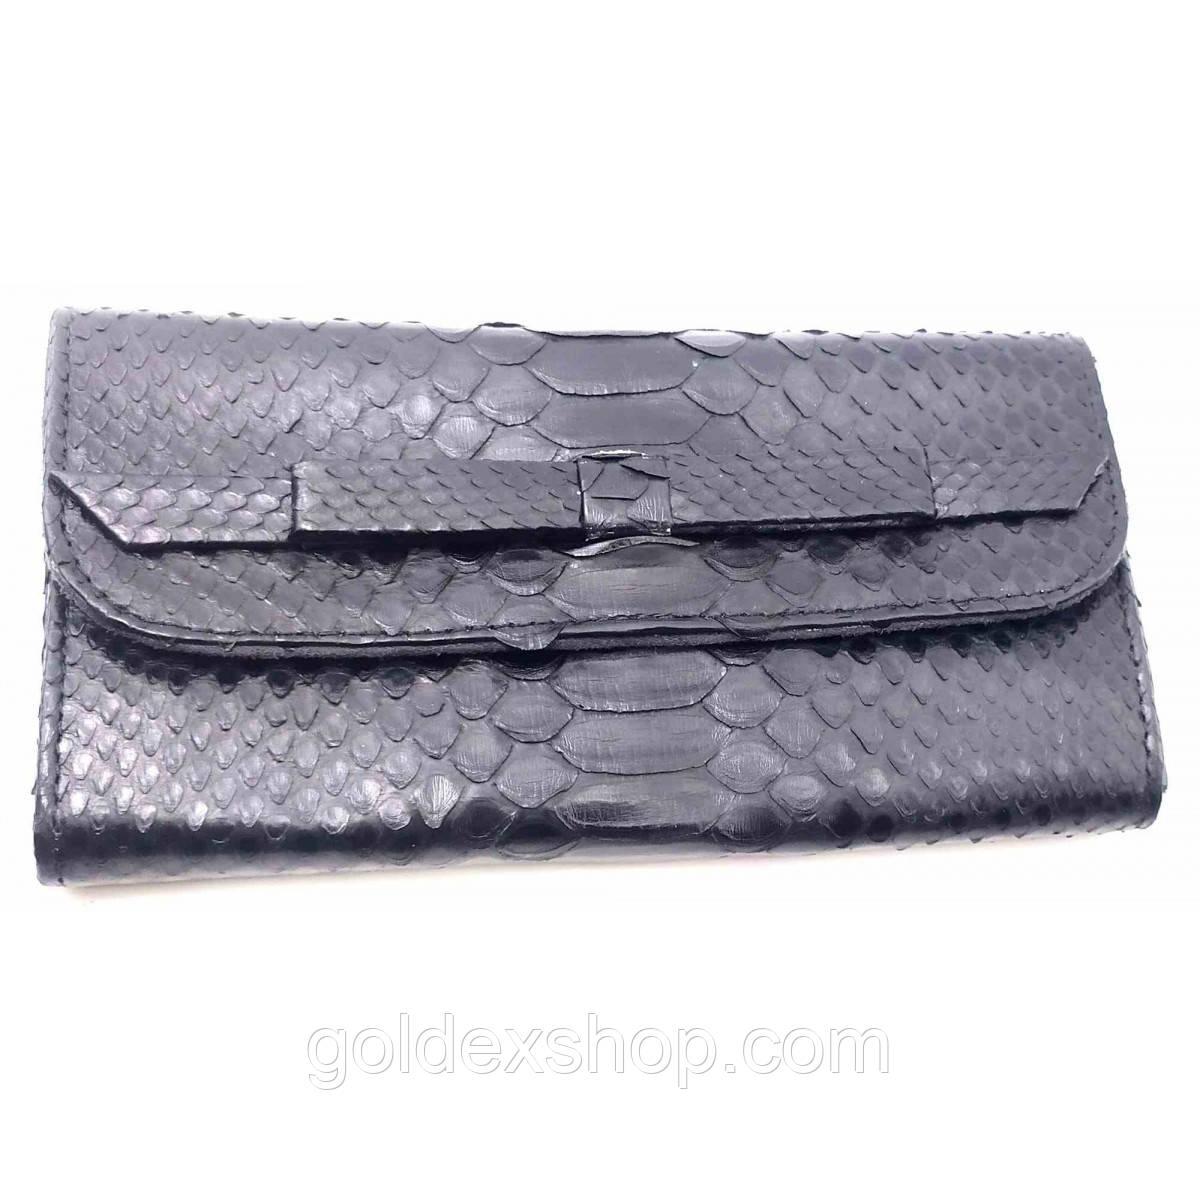 Кошелек клатч из кожи питона черный лак (30х11х2 см)